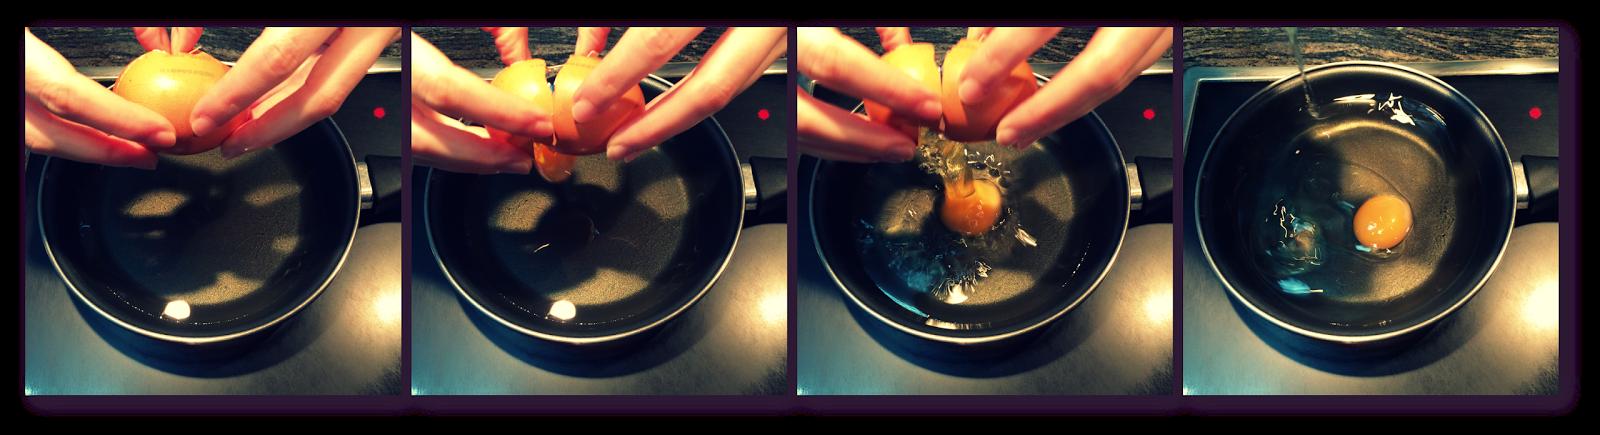 Cascar-un-huevo